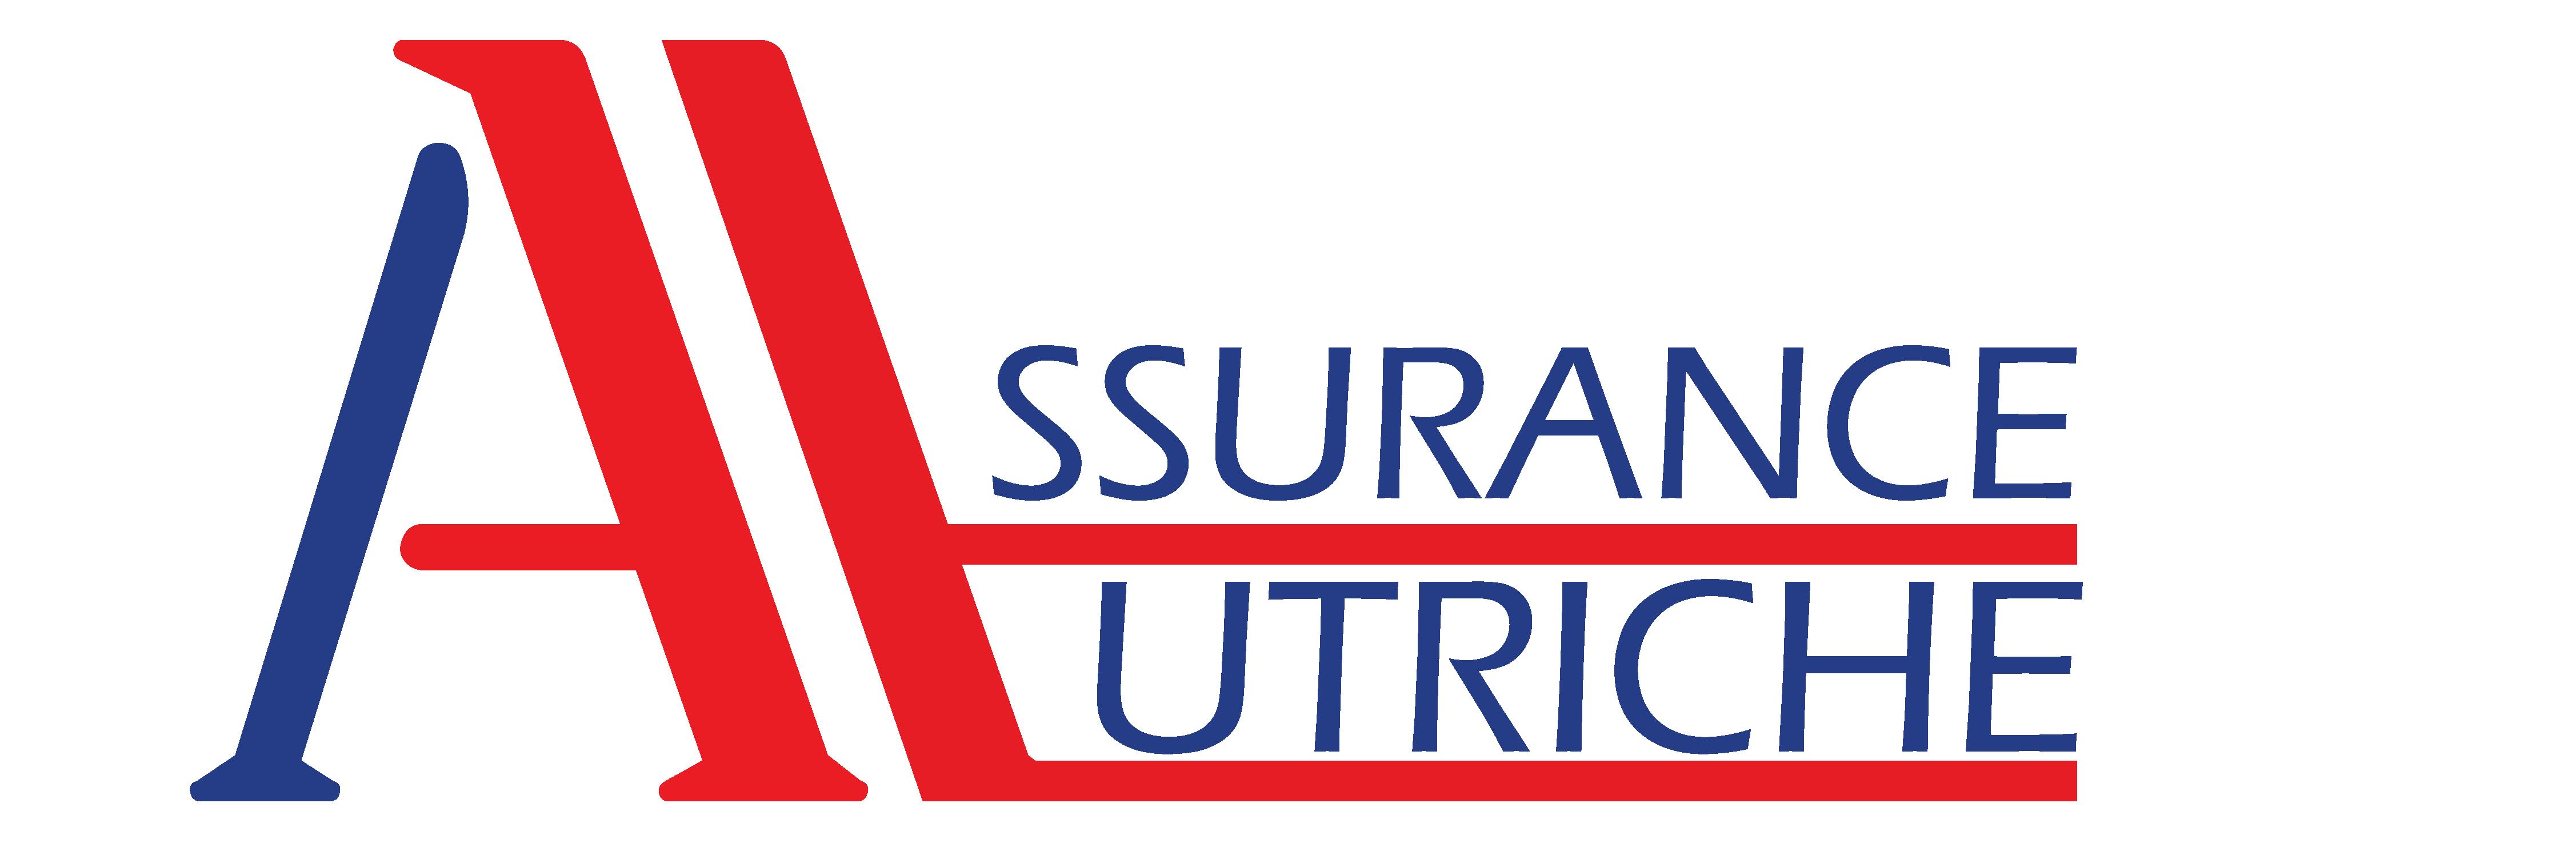 Assurance Autriche